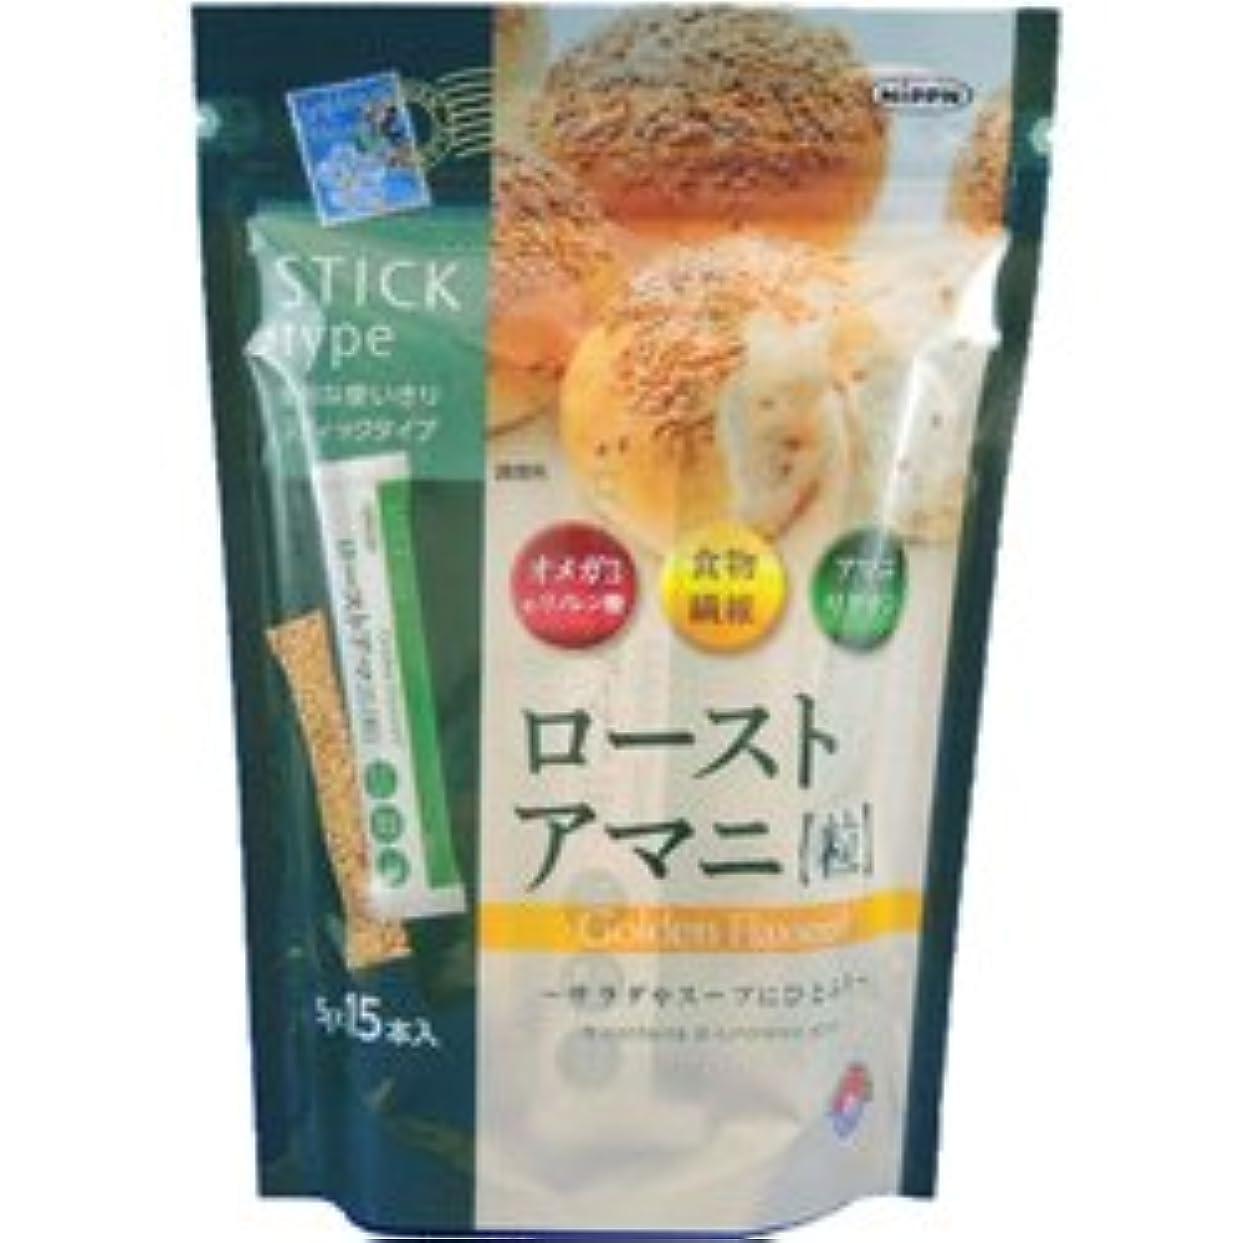 変ななめらかな食い違い【日本製粉】ローストアマニ粒 75g ×10個セット